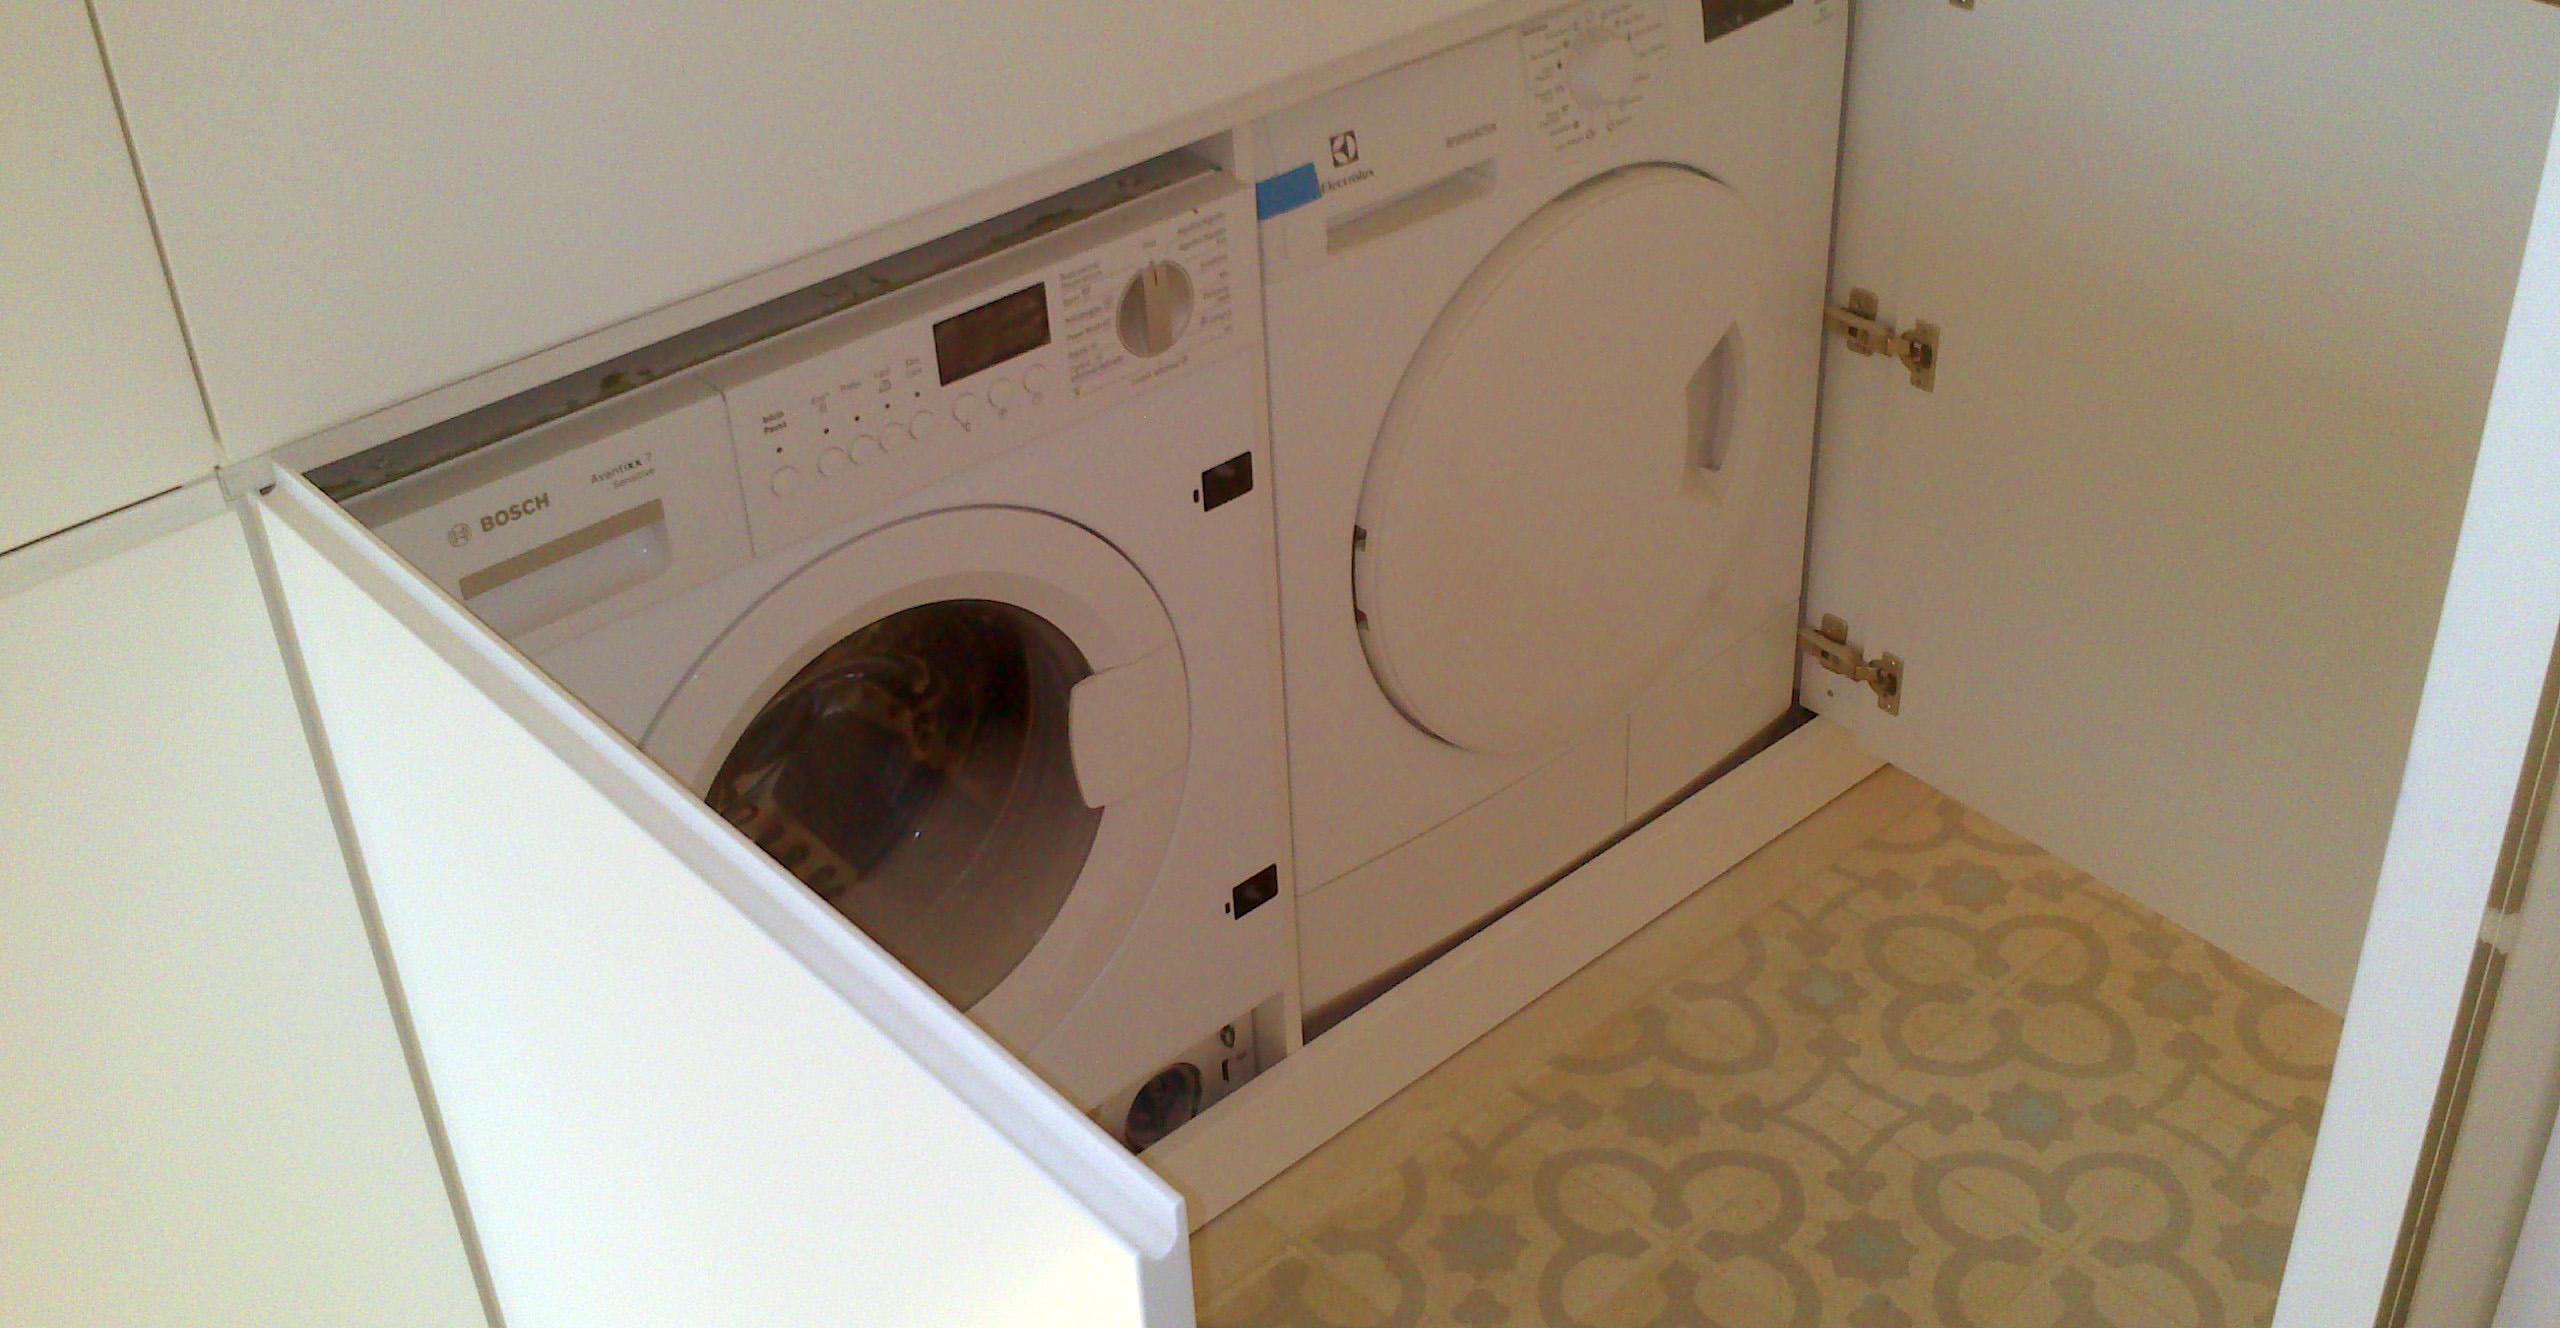 Cocina y lavadero lacados en blanco satinado con uñero.